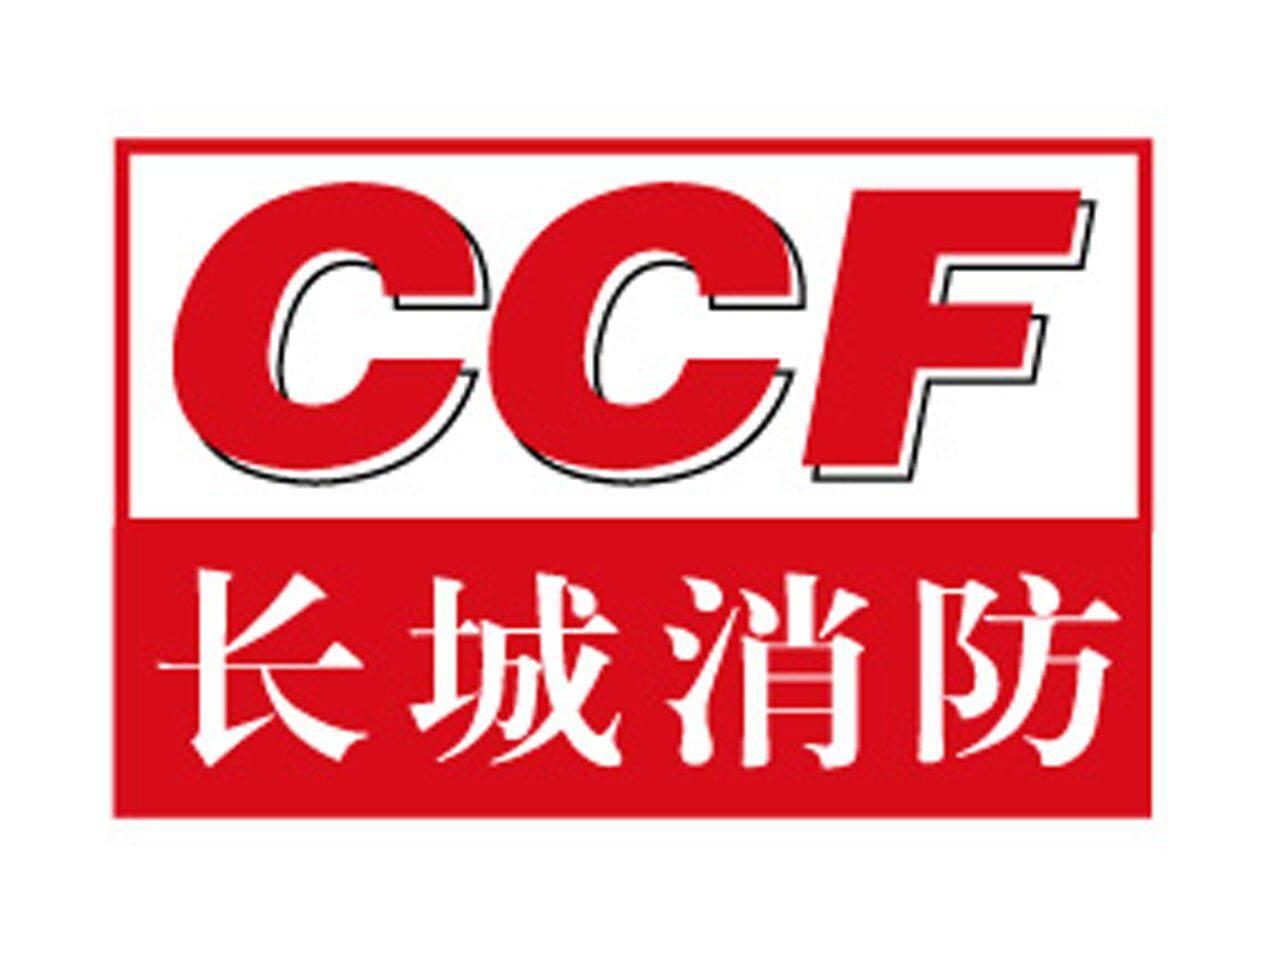 上海瑞城消防器材有限公司